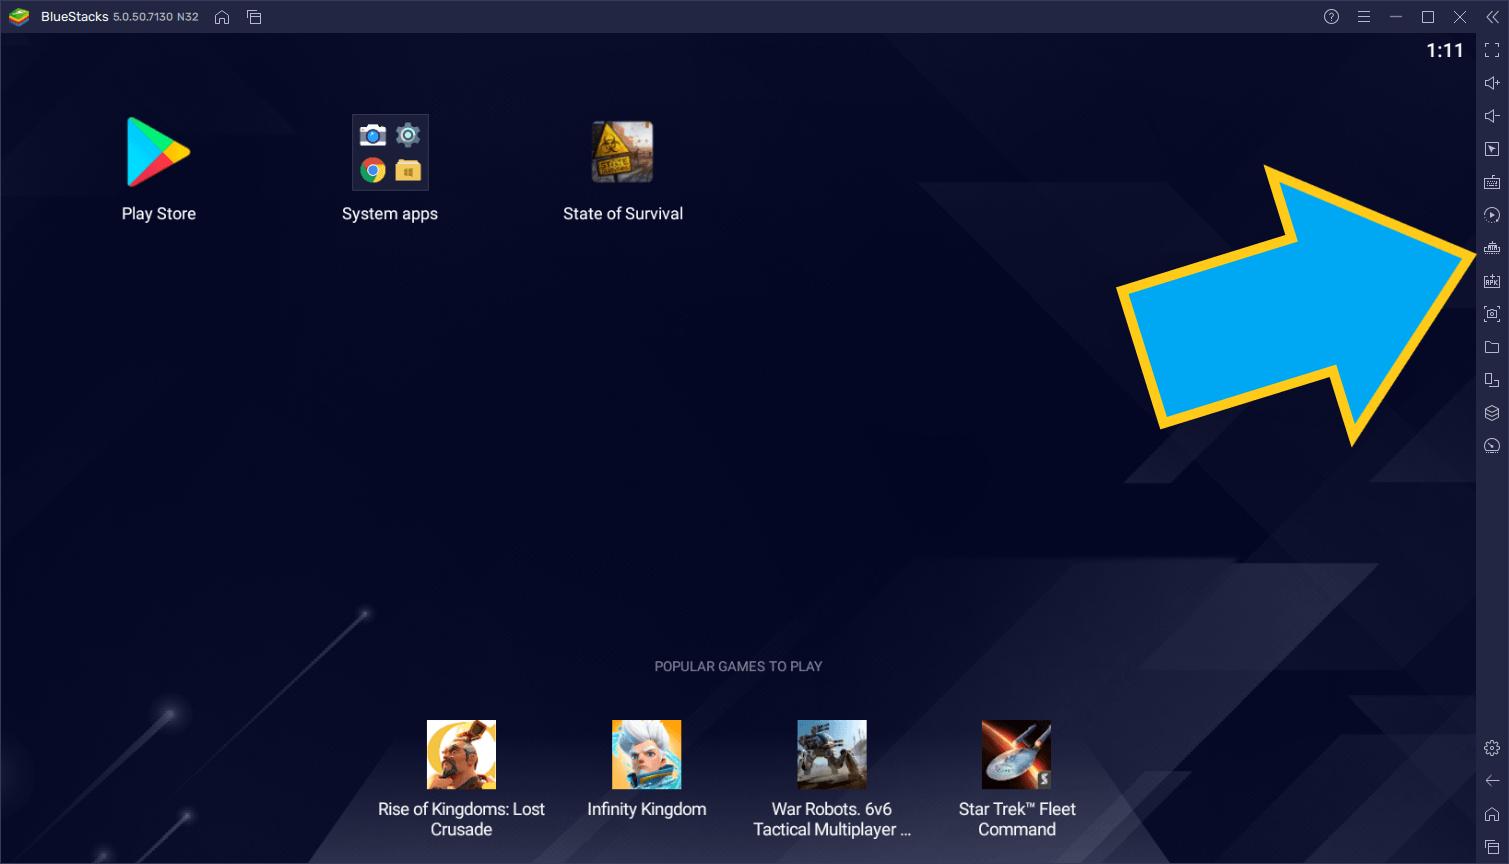 La fonction Mémoire Trim de BlueStacks 5 vous assure des sessions de jeux sans lag et consommant le moins de RAM possible